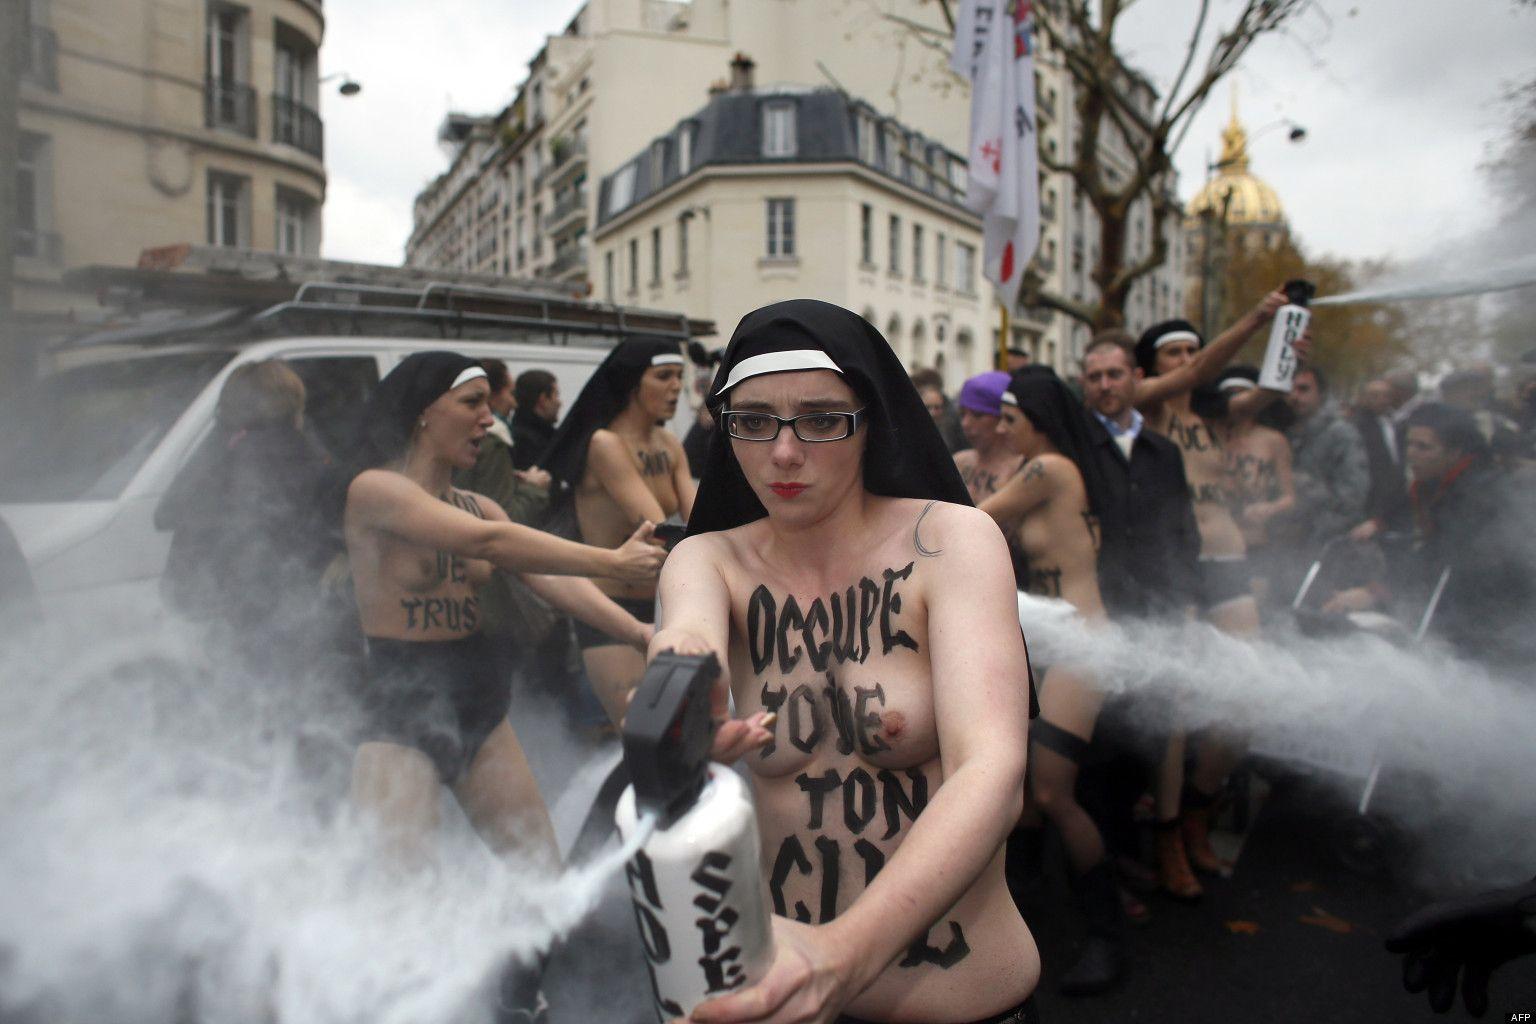 протест на майдане порно актрисы - 13